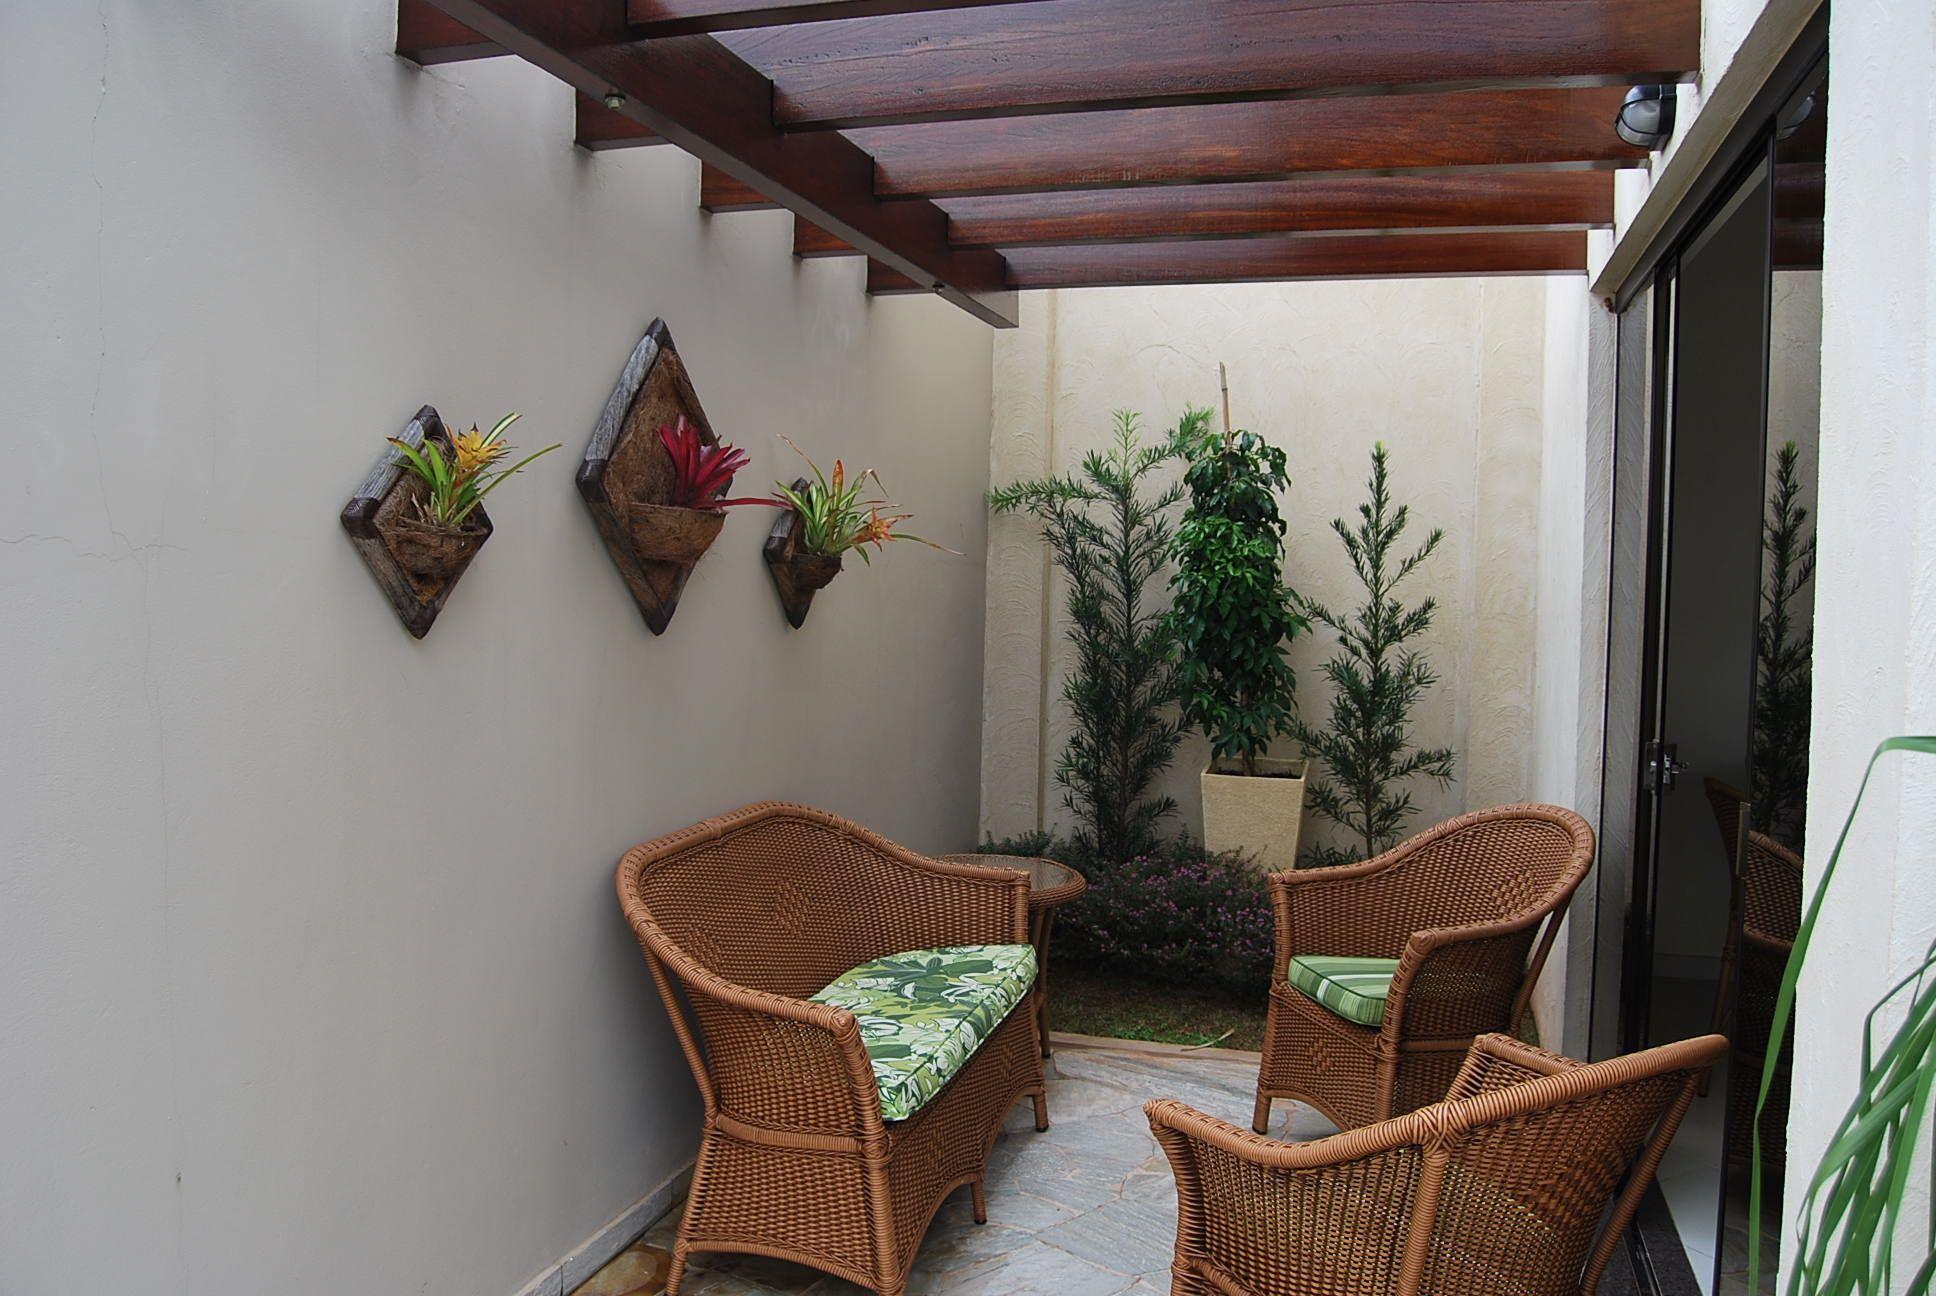 10 ideas para decorar un patio muy pequeño | Patios, Gardens and ...